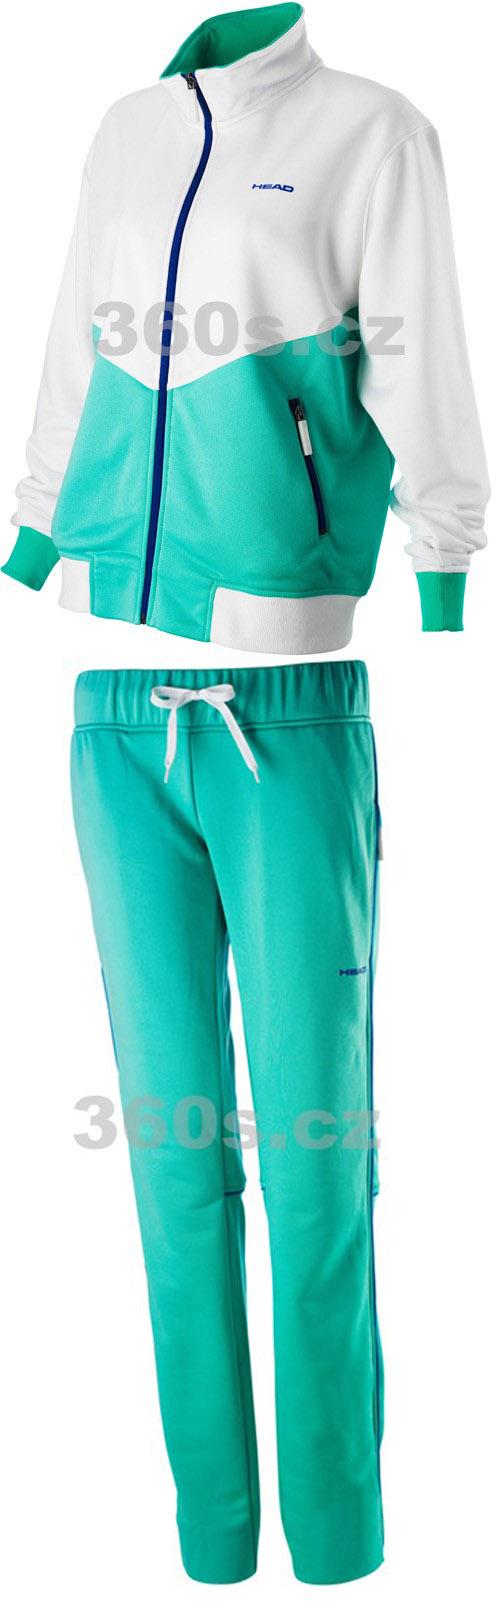 Dámská sportovní bunda HEAD SPECTRUM + kalhoty VECTOR - doprodej S